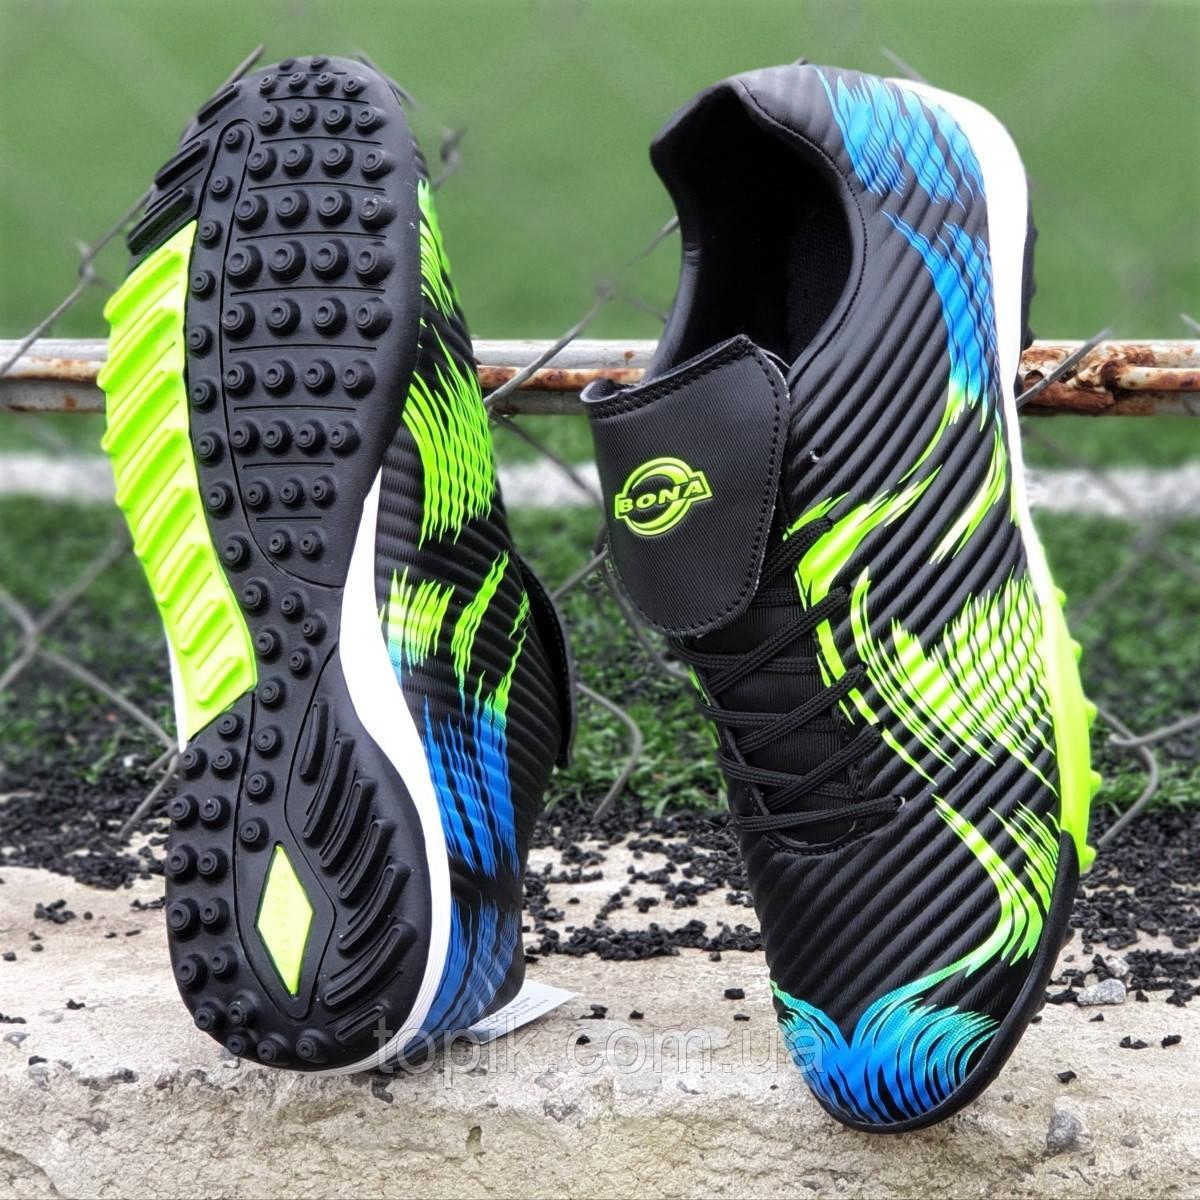 Подростковые сороконожки, бампы, кроссовки для футбола на мальчика черные, мягкая подошва, легкие (Код: 1391а)